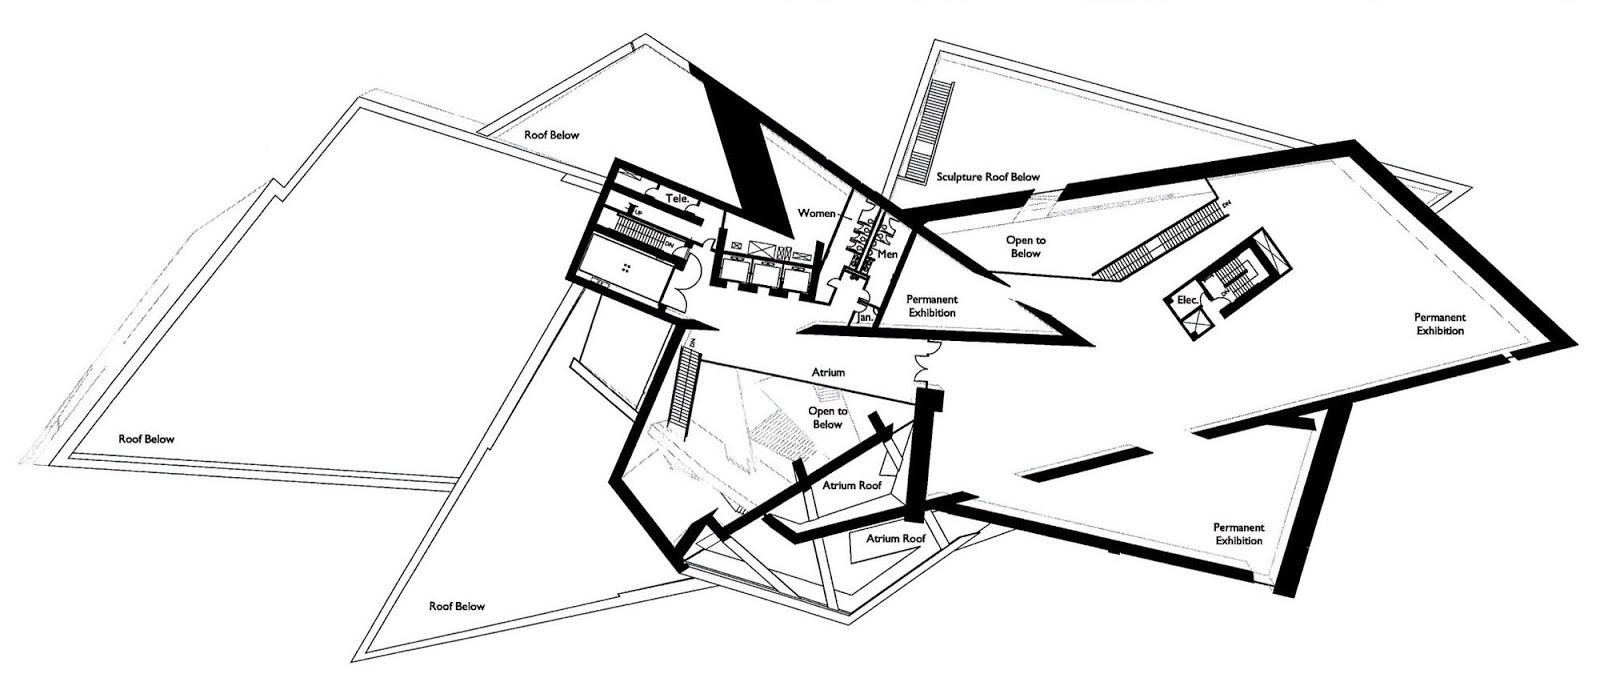 Arch1101 2013 jacky yuen daniel libeskind for Denver art museum concept